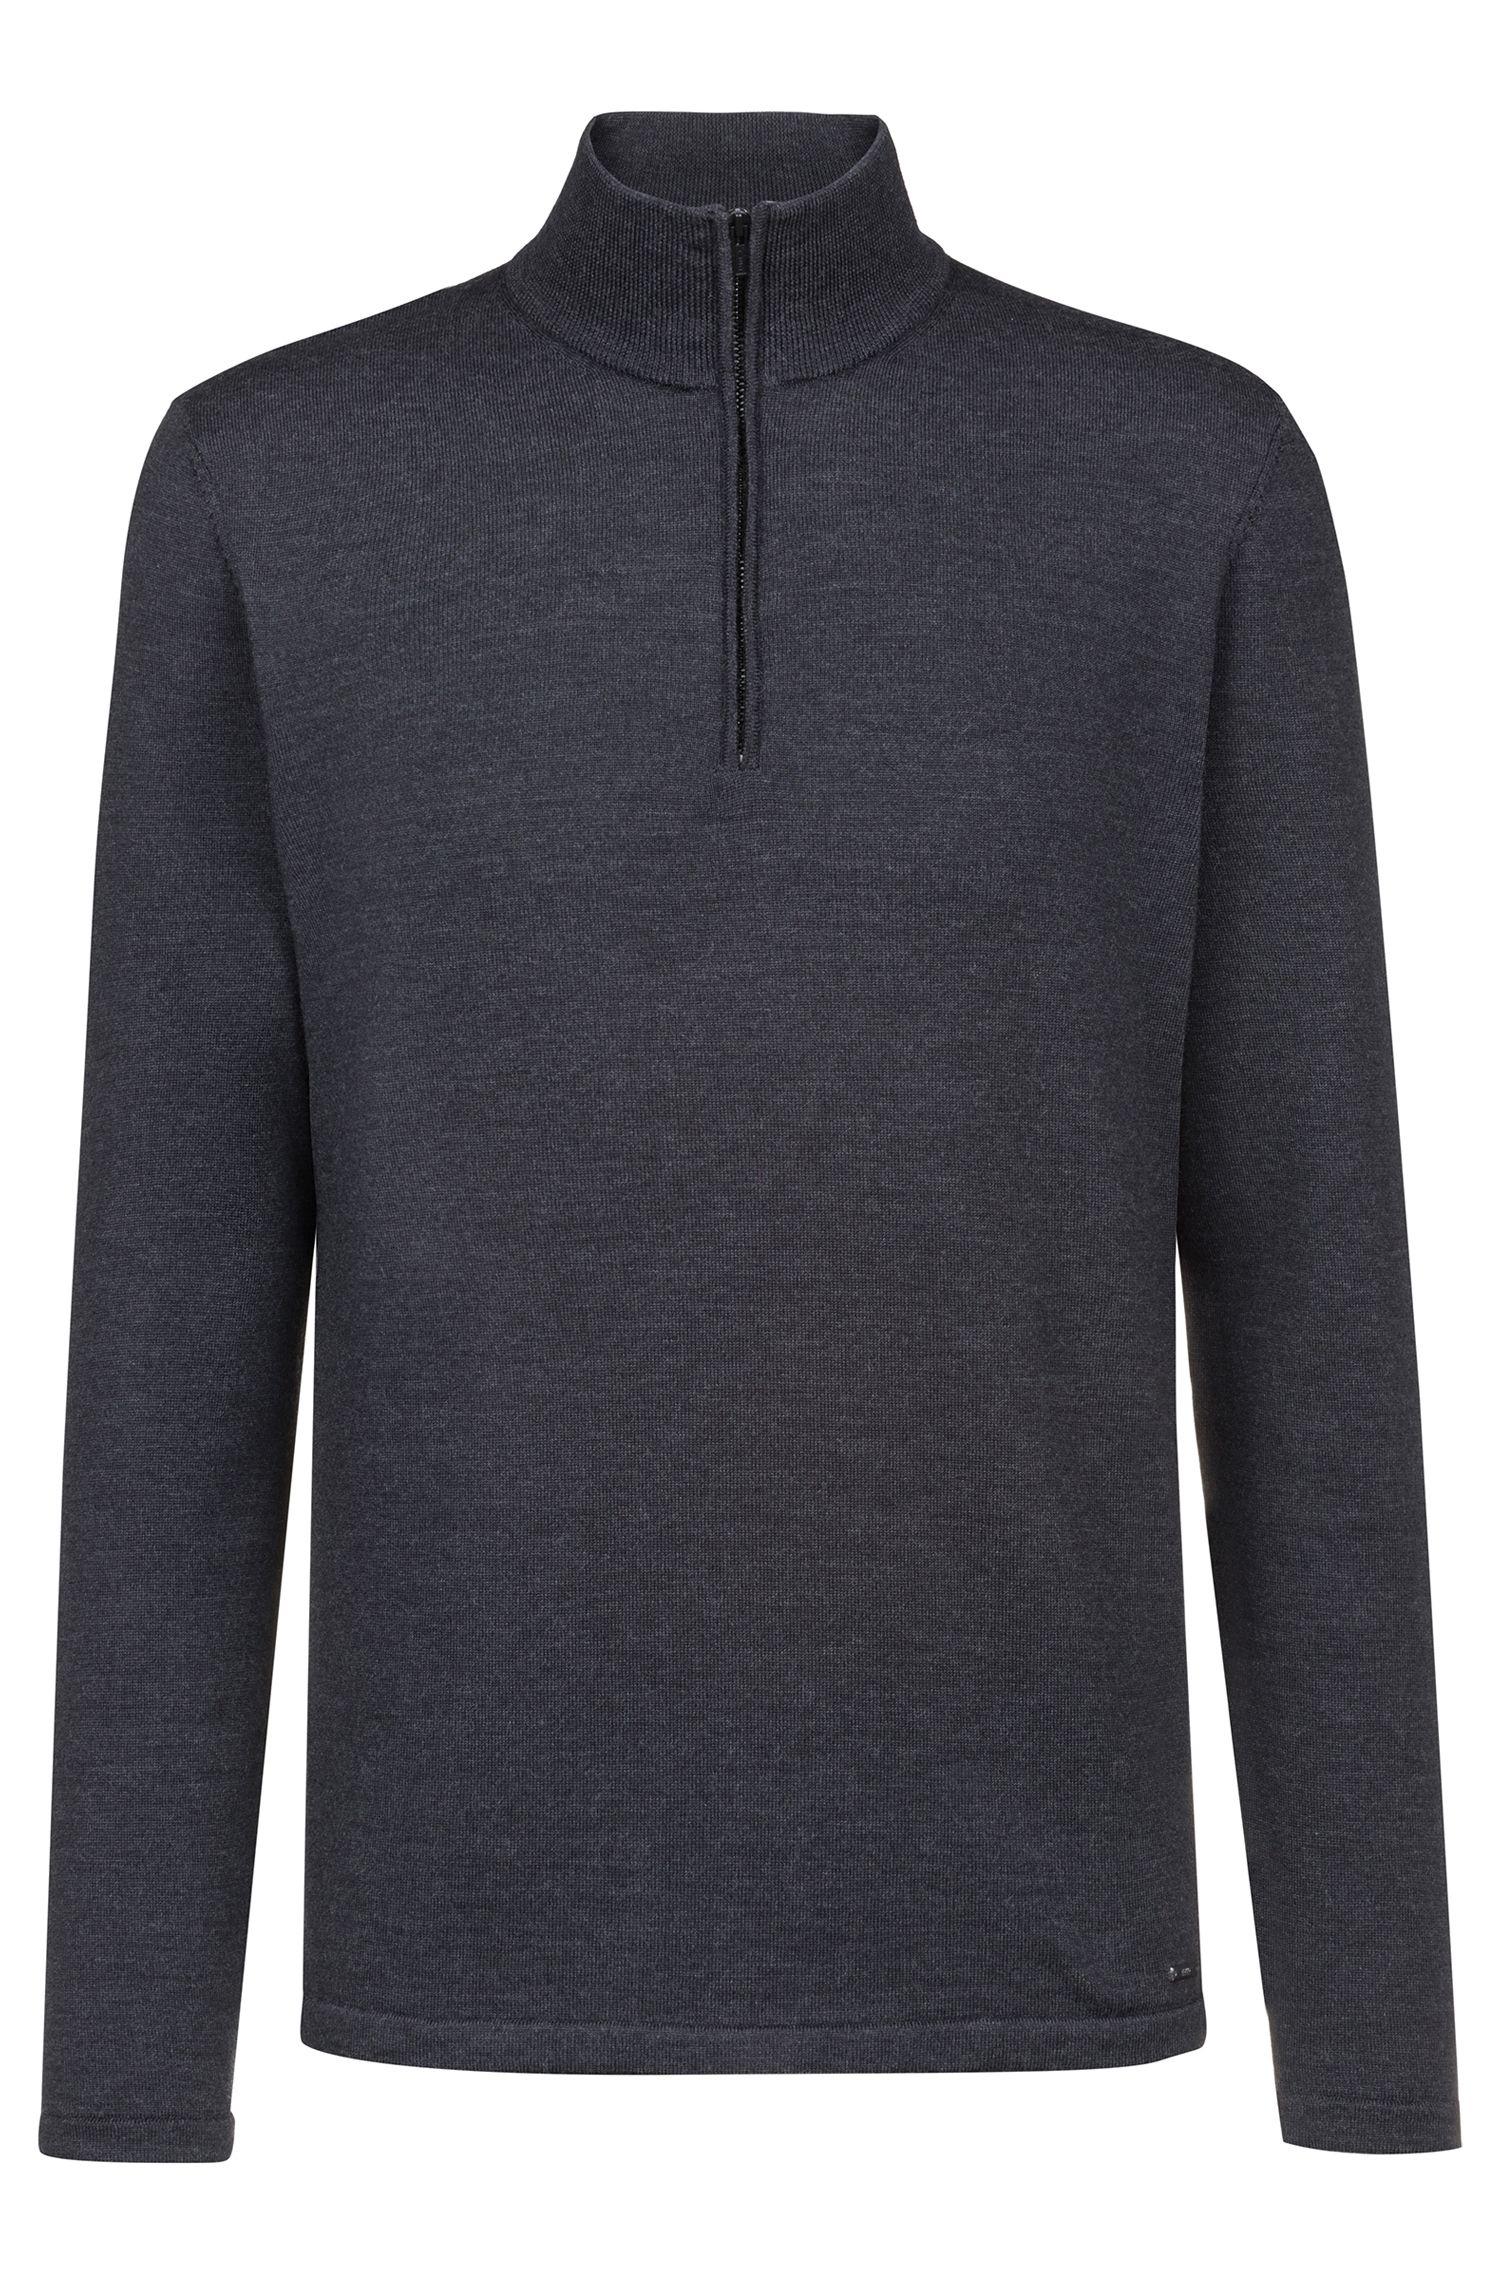 Pull en laine mérinos avec encolure zippée